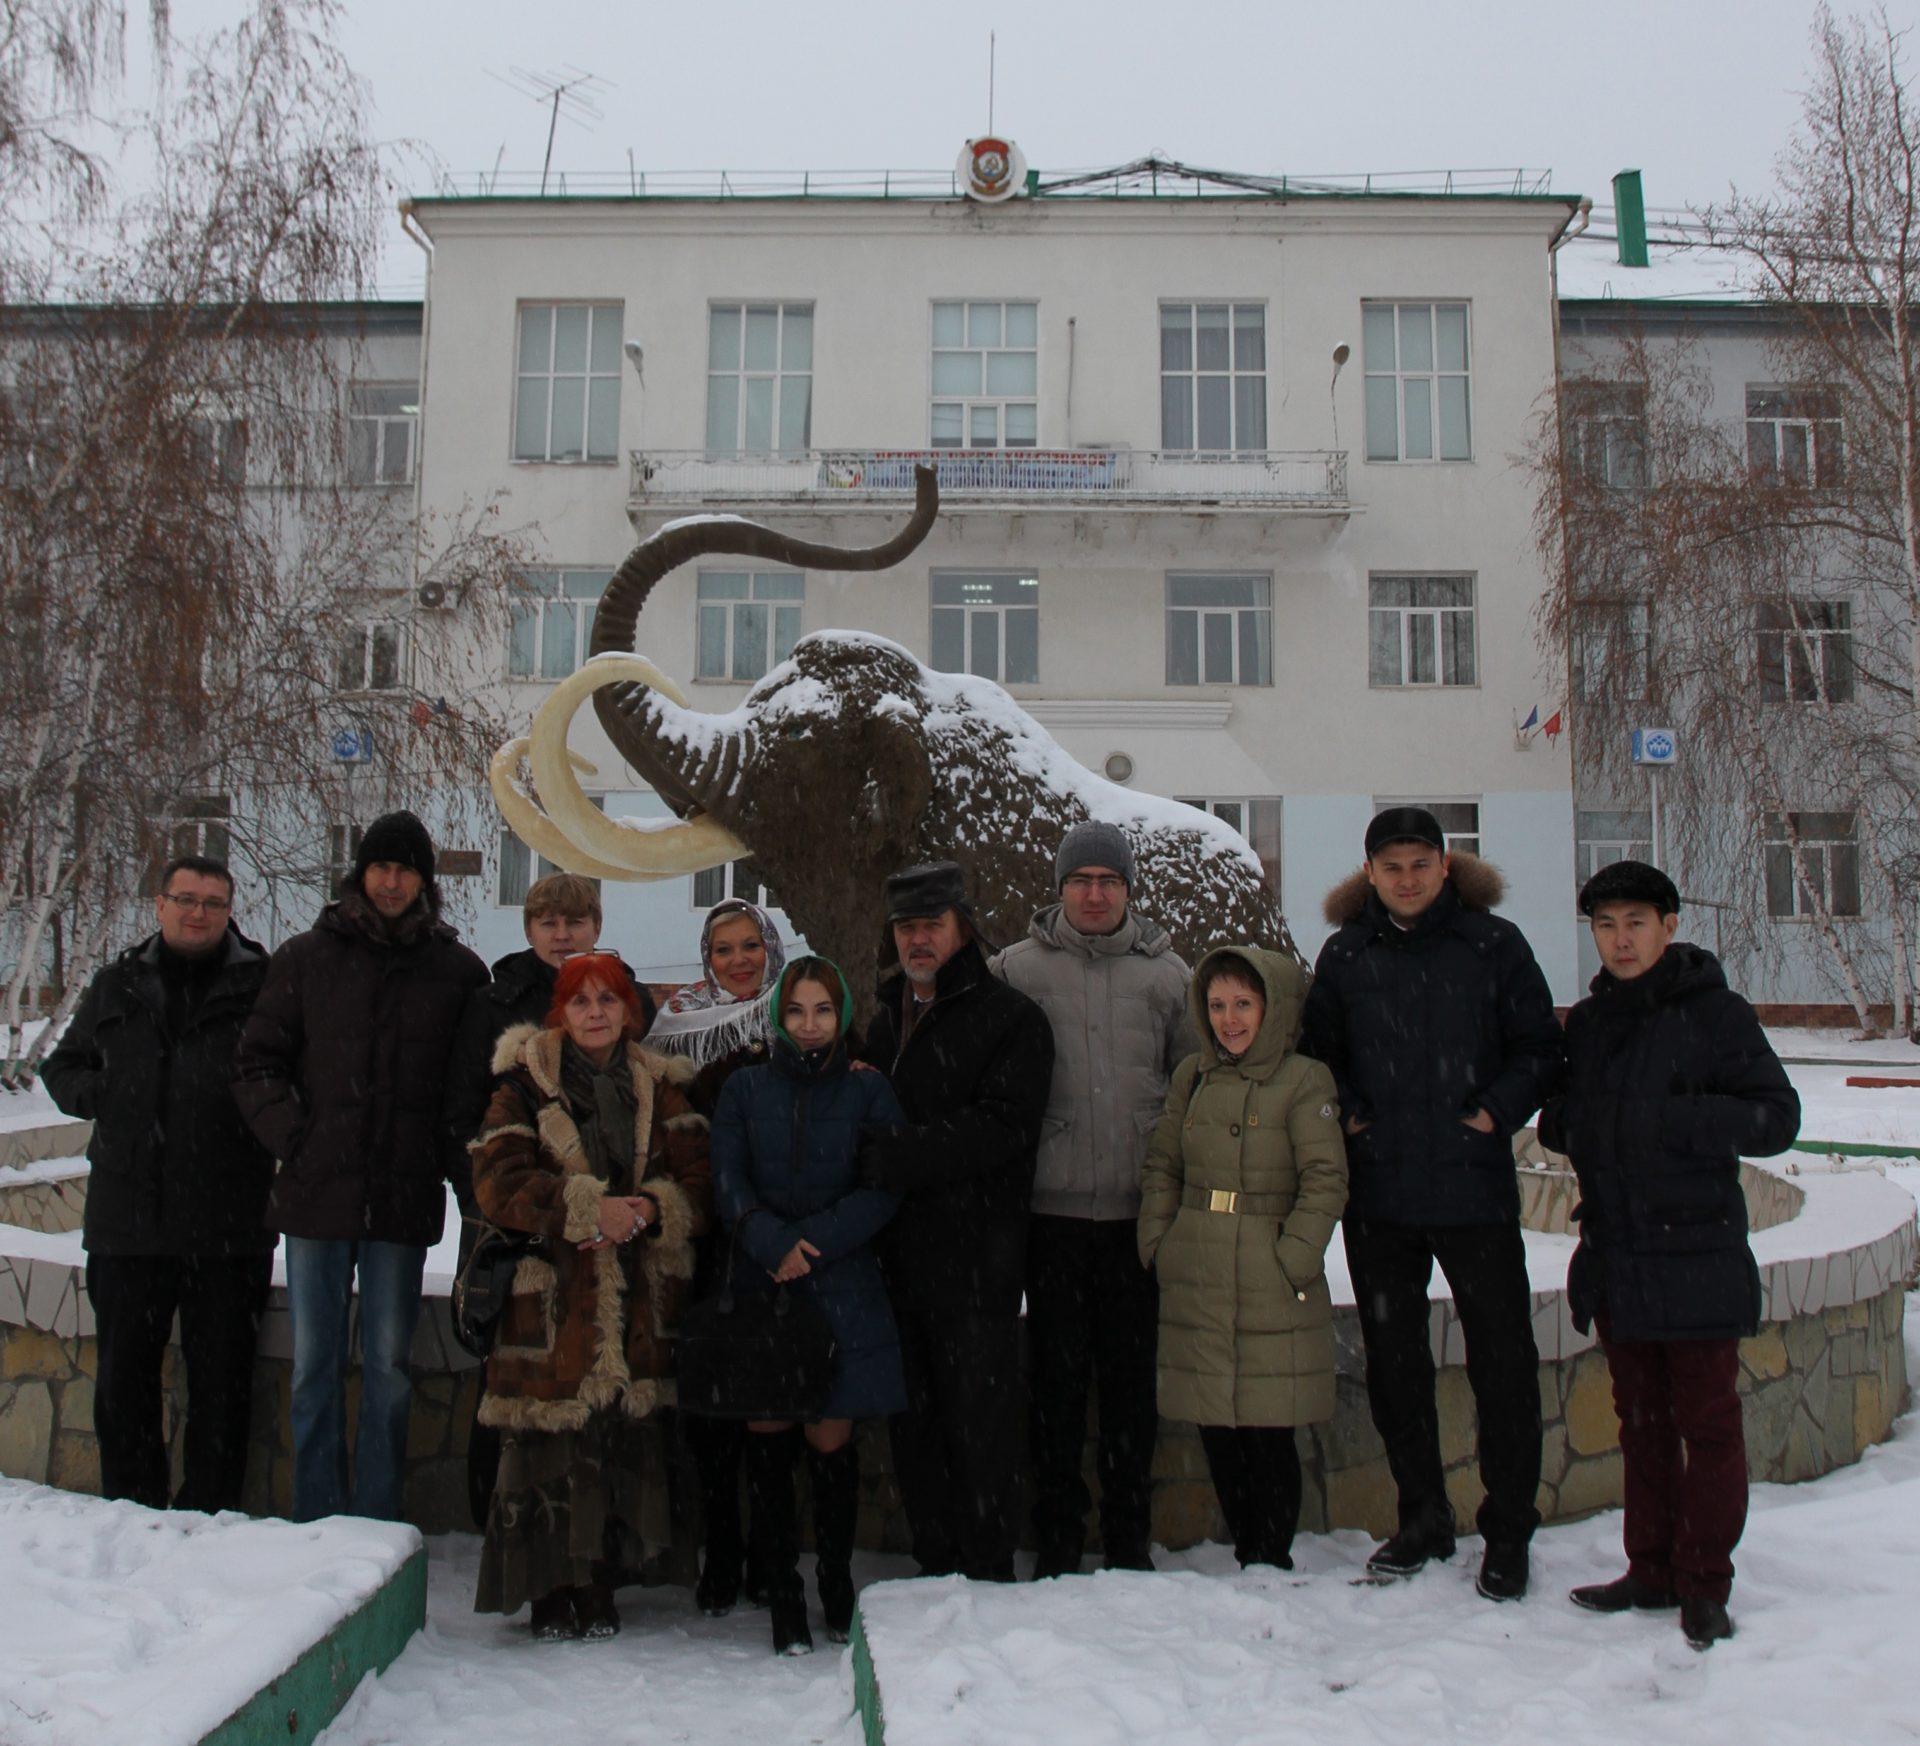 Якутске пройдет IV международный фестиваль поэзии «Благодать большого снега»